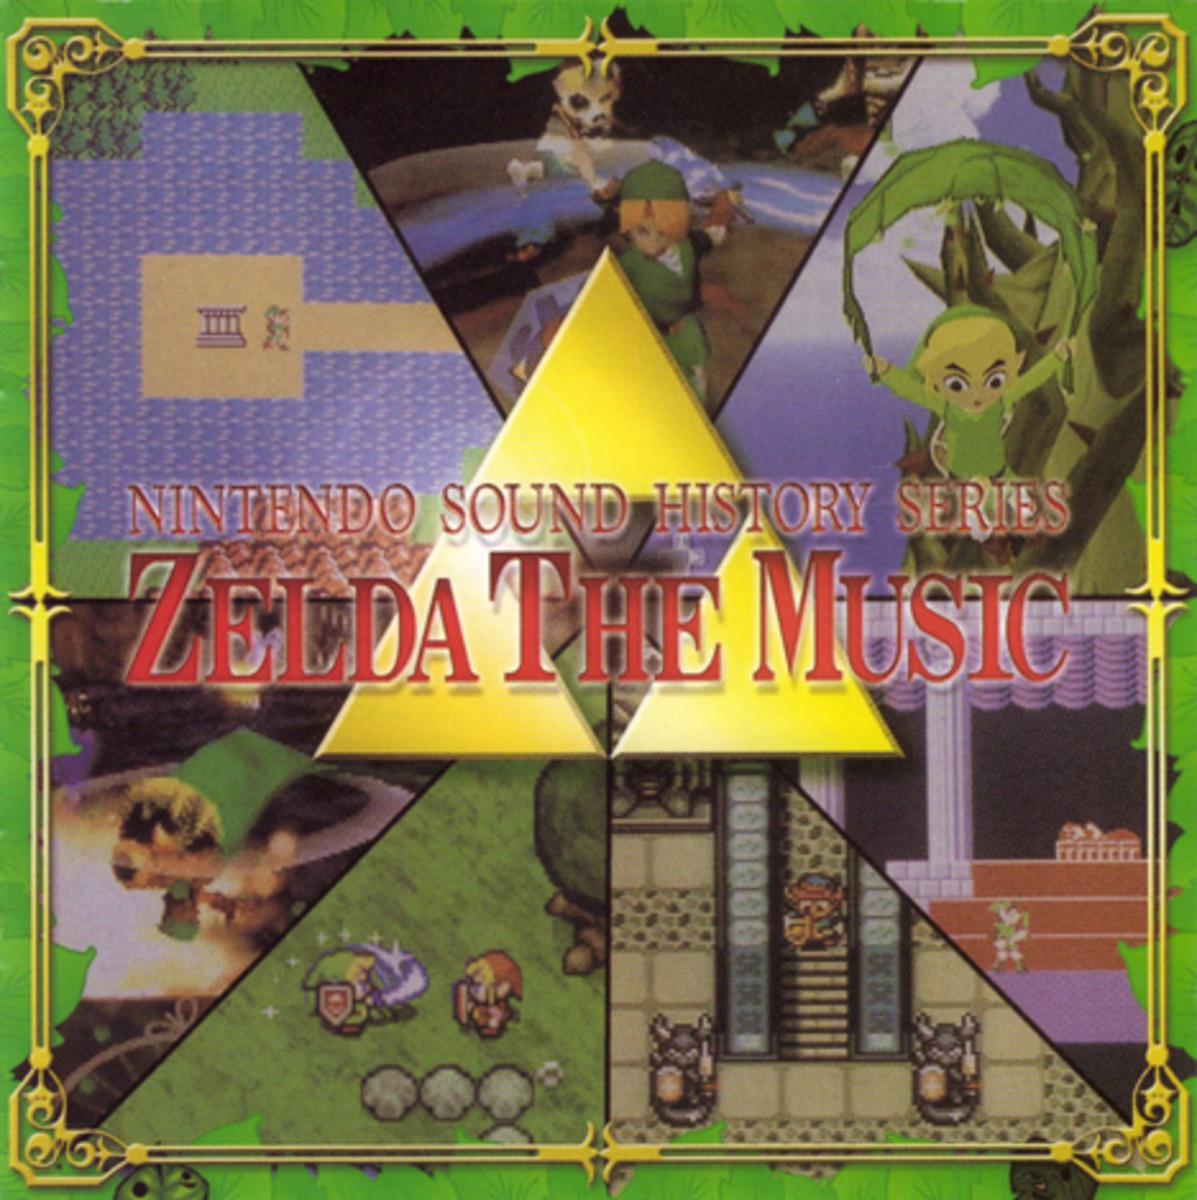 Zelda The Music